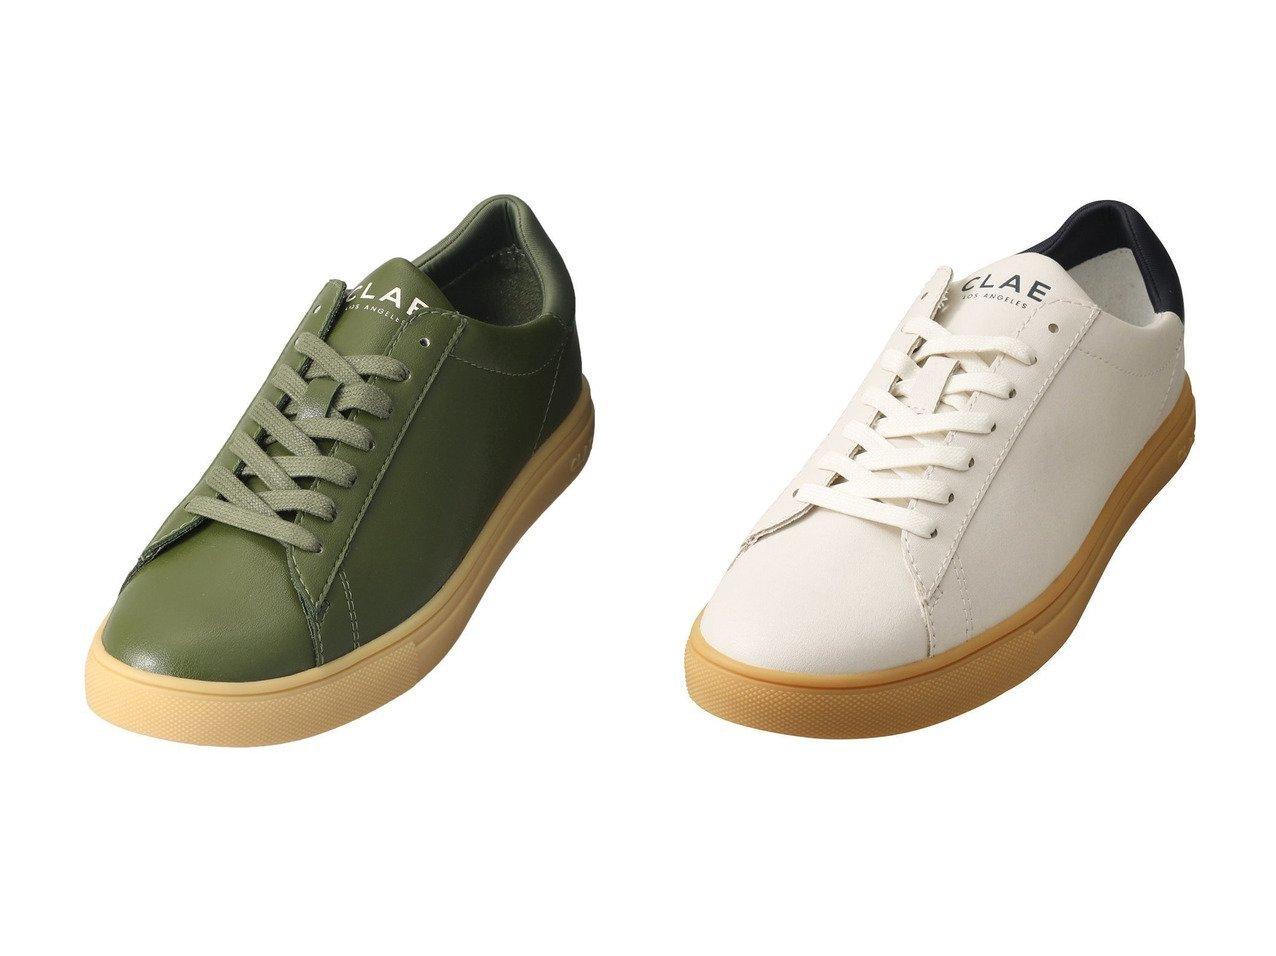 【CLAE/クレー】のBRADLEY CACTUS スニーカー 【シューズ・靴】おすすめ!人気、トレンド・レディースファッションの通販   おすすめで人気の流行・トレンド、ファッションの通販商品 メンズファッション・キッズファッション・インテリア・家具・レディースファッション・服の通販 founy(ファニー) https://founy.com/ ファッション Fashion レディースファッション WOMEN 2021年 2021 2021春夏・S/S SS/Spring/Summer/2021 S/S・春夏 SS・Spring/Summer クッション スニーカー トレンド 春 Spring |ID:crp329100000026881